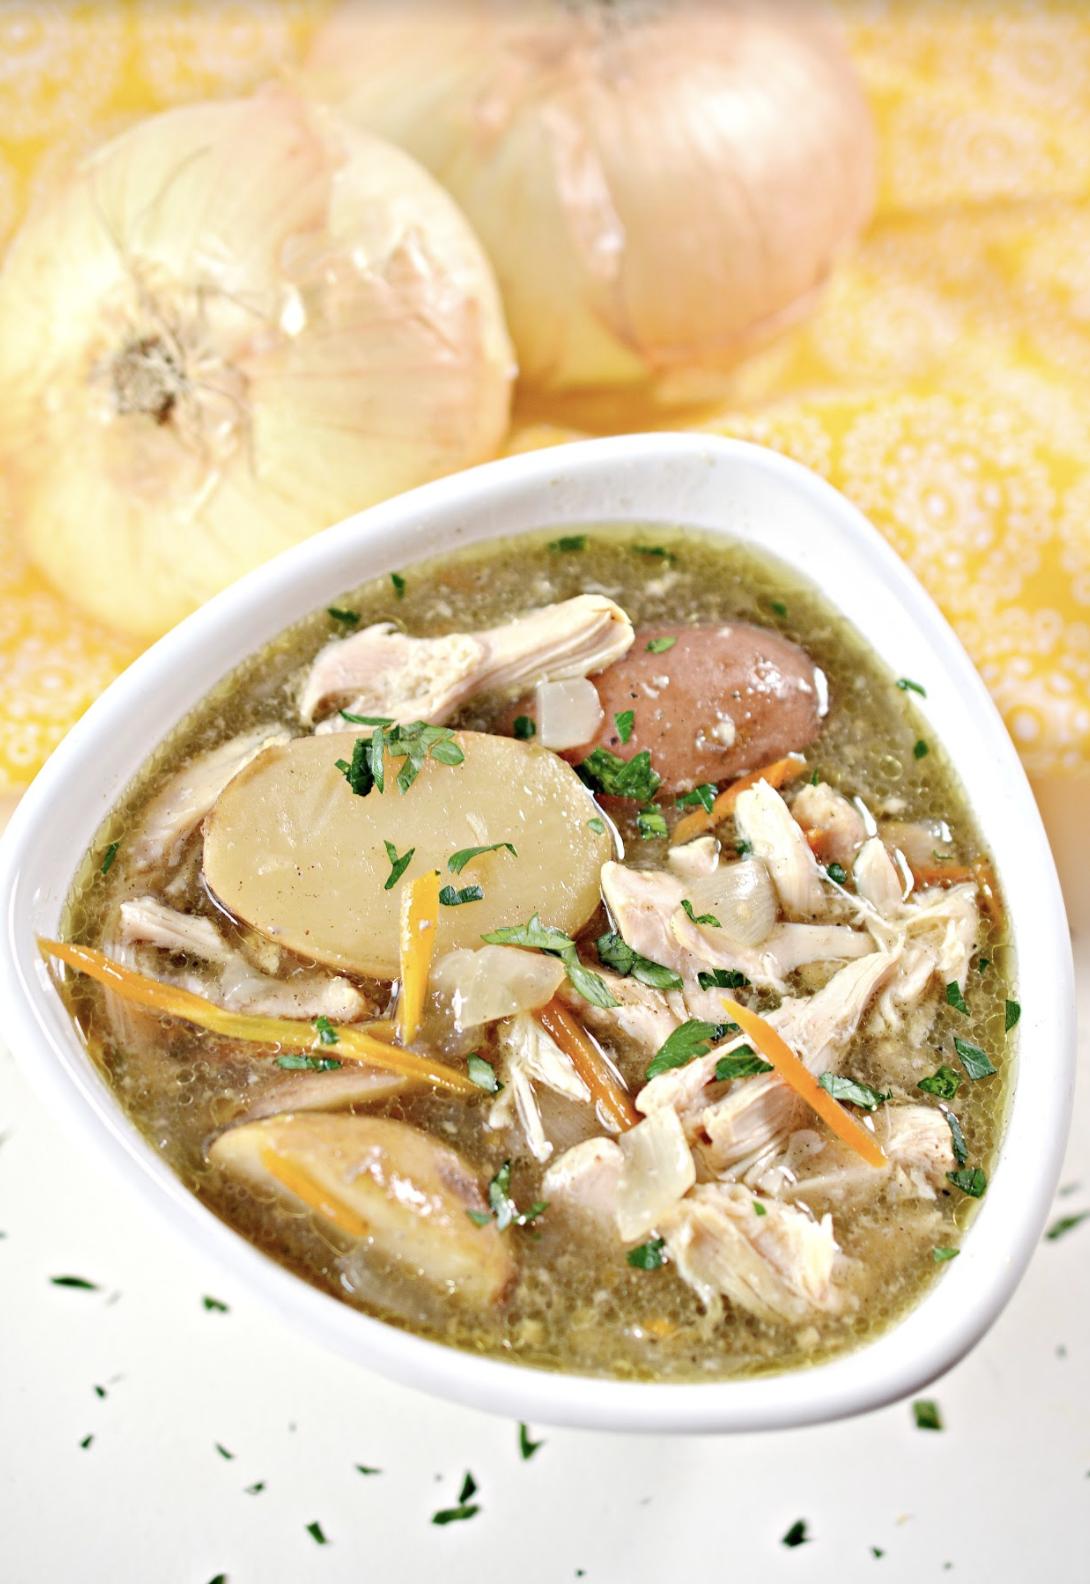 Slow cooker chicken stew recipe